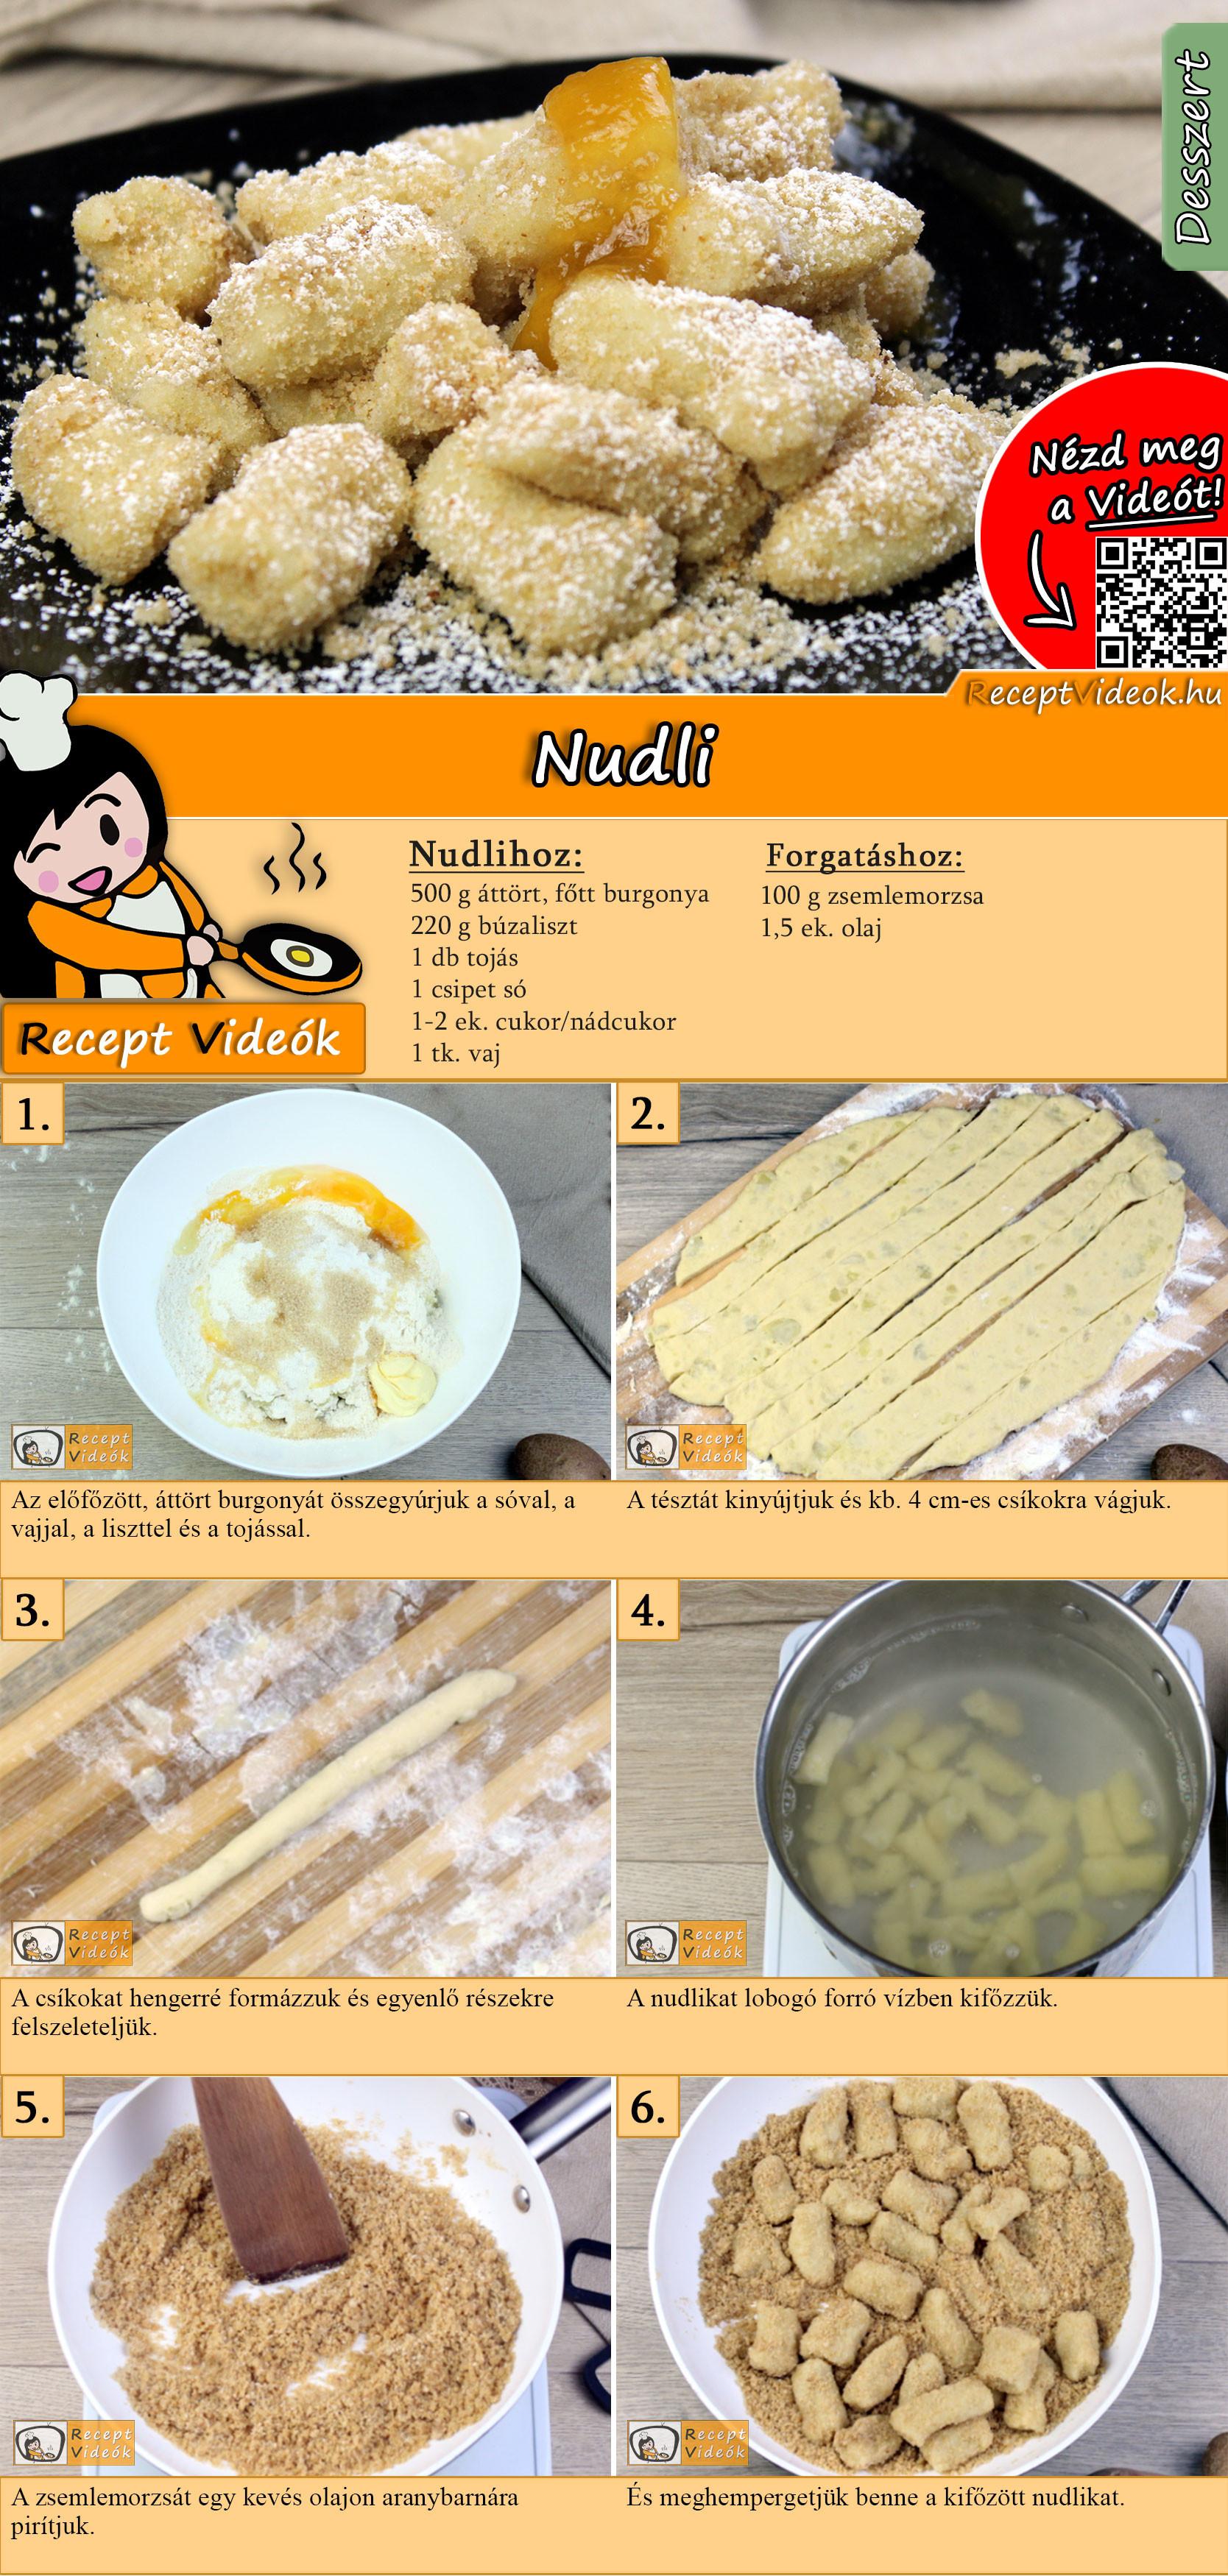 Nudli recept elkészítése videóval